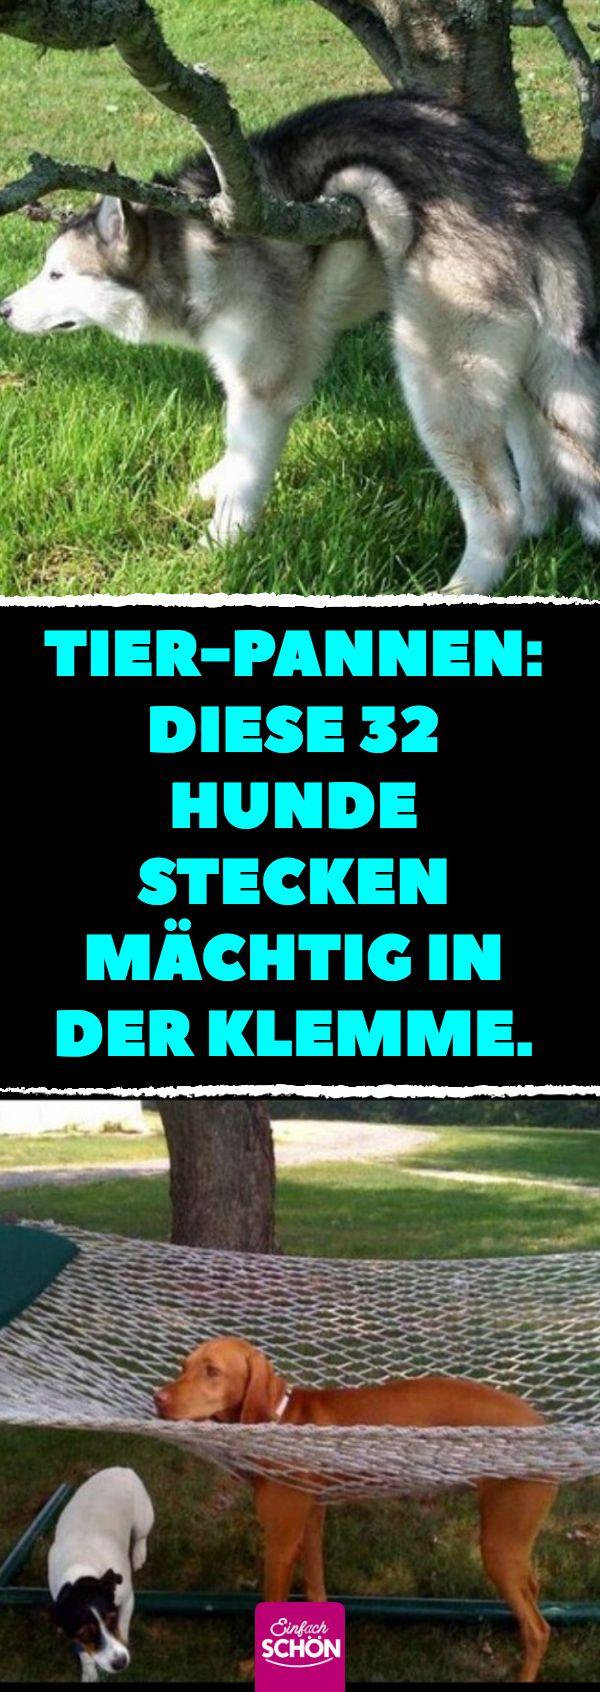 32 Hunde, die in der Klemme stecken. #hunde #problem #lustig – Sigried Kurschat